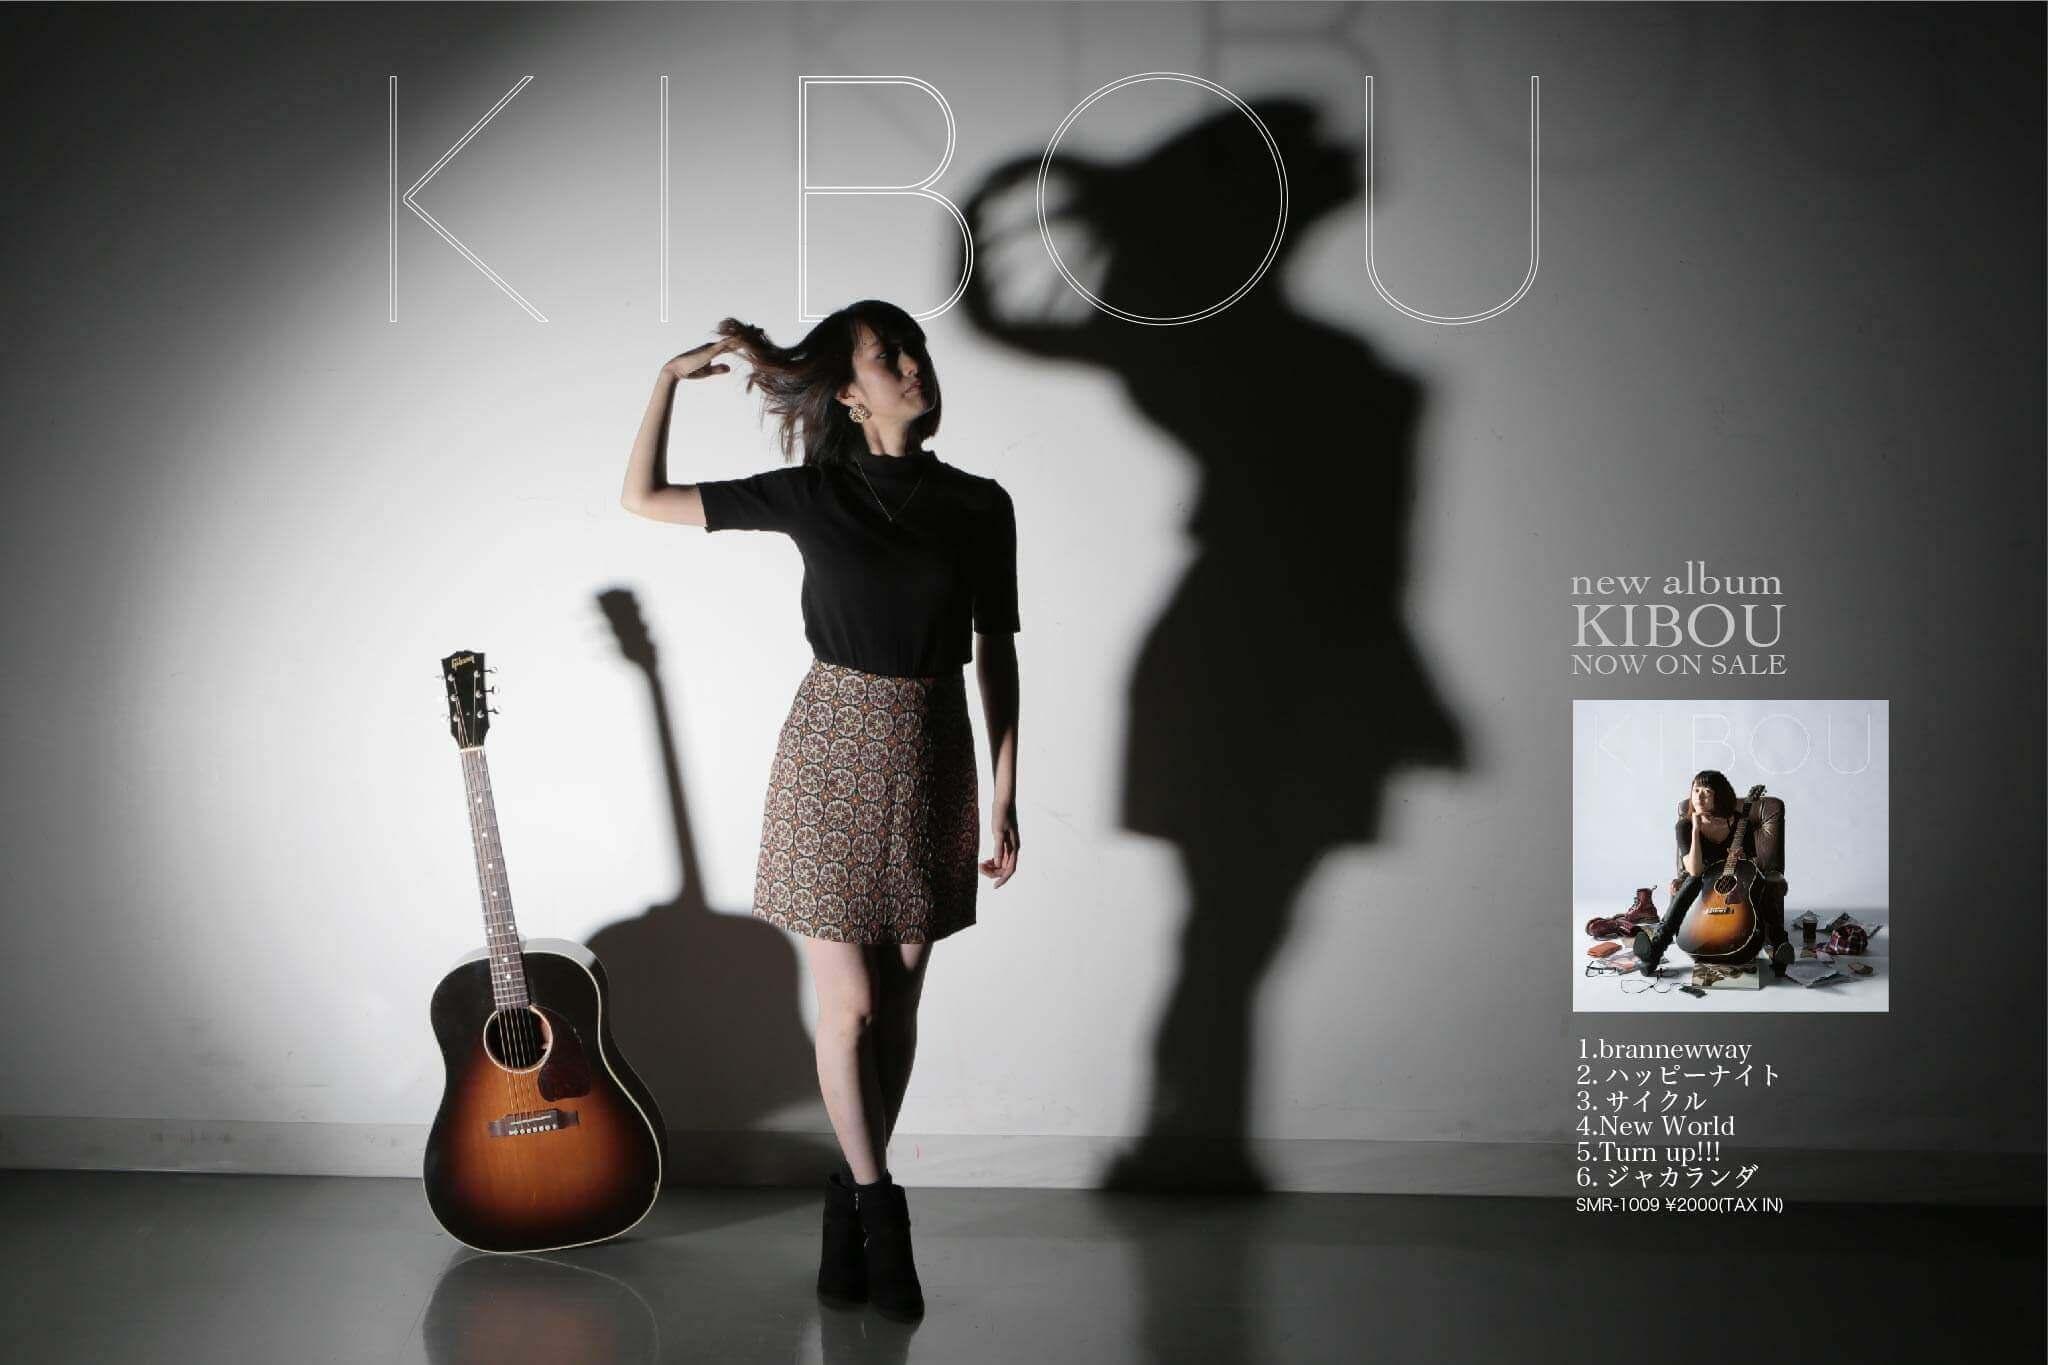 斉藤麻里公式サイト-シンガーソングライターさいとうまり